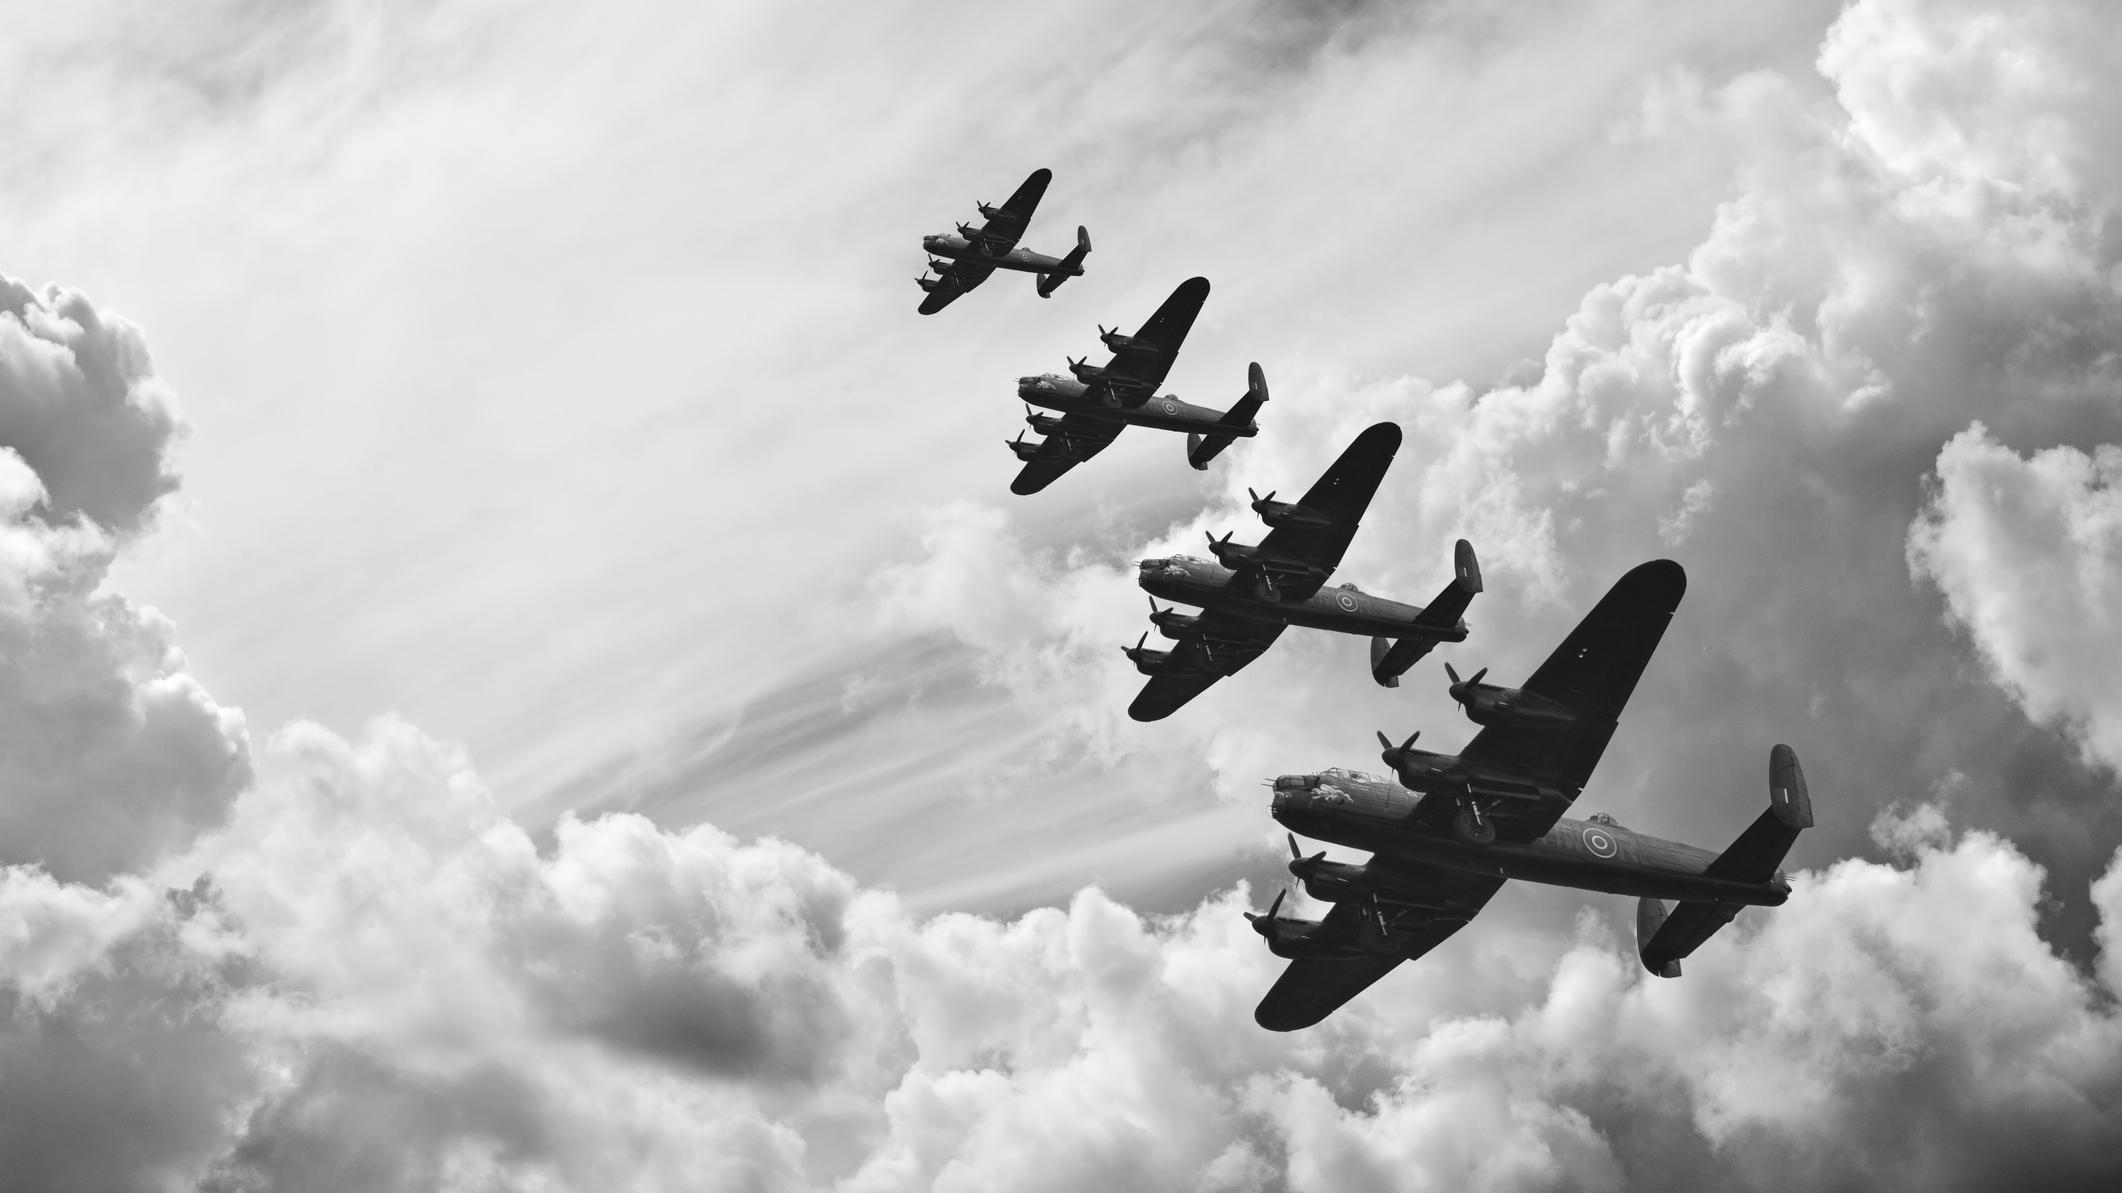 World war 11 bomber planes flying overhead